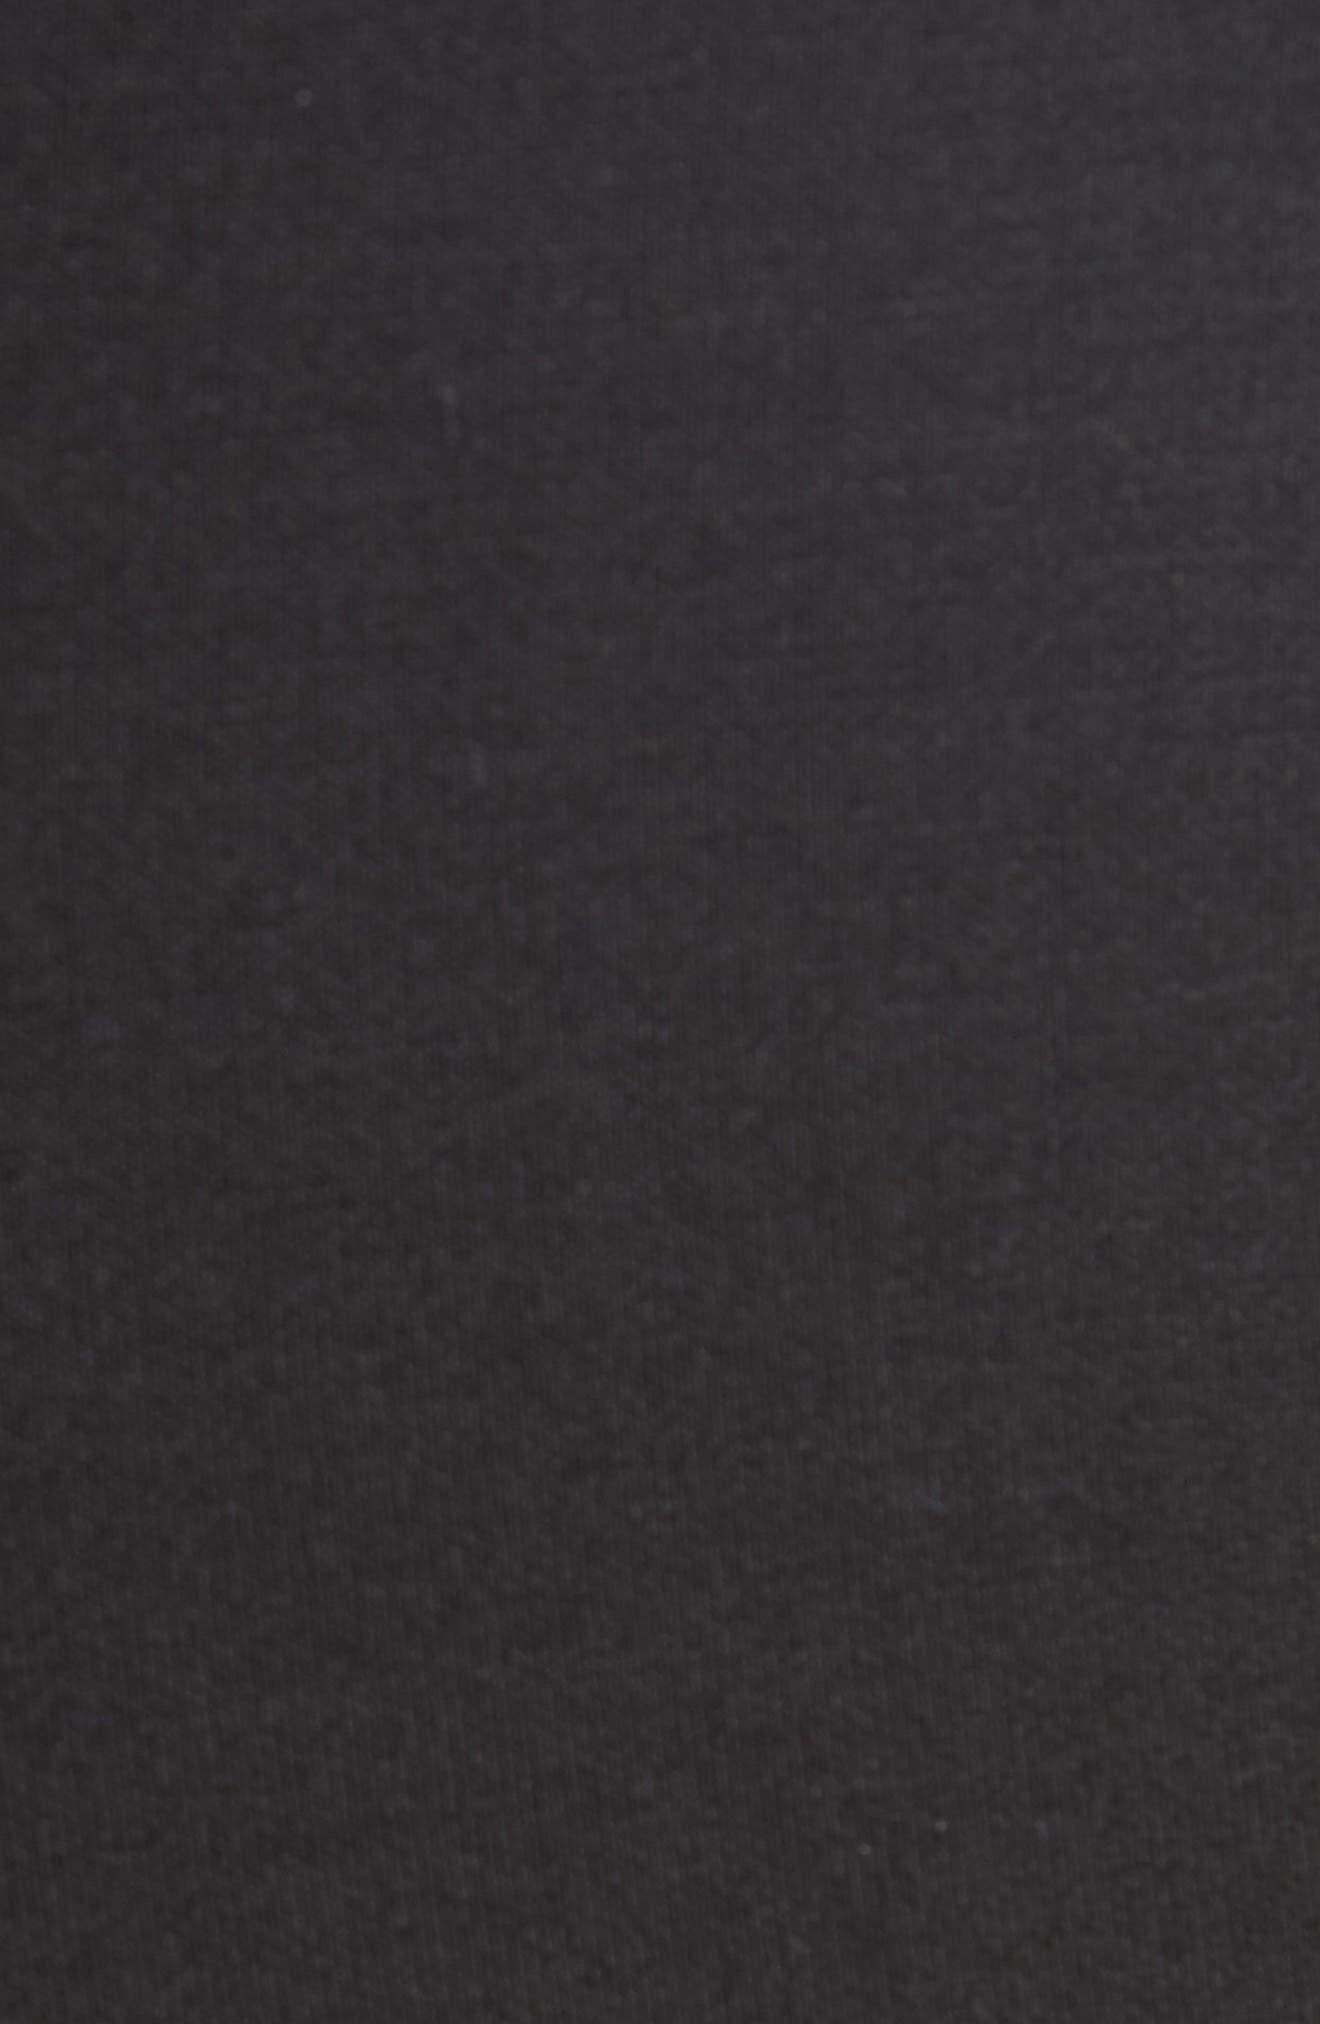 Ruffle Bell Bottom Neoprene Pants,                             Alternate thumbnail 5, color,                             BLACK